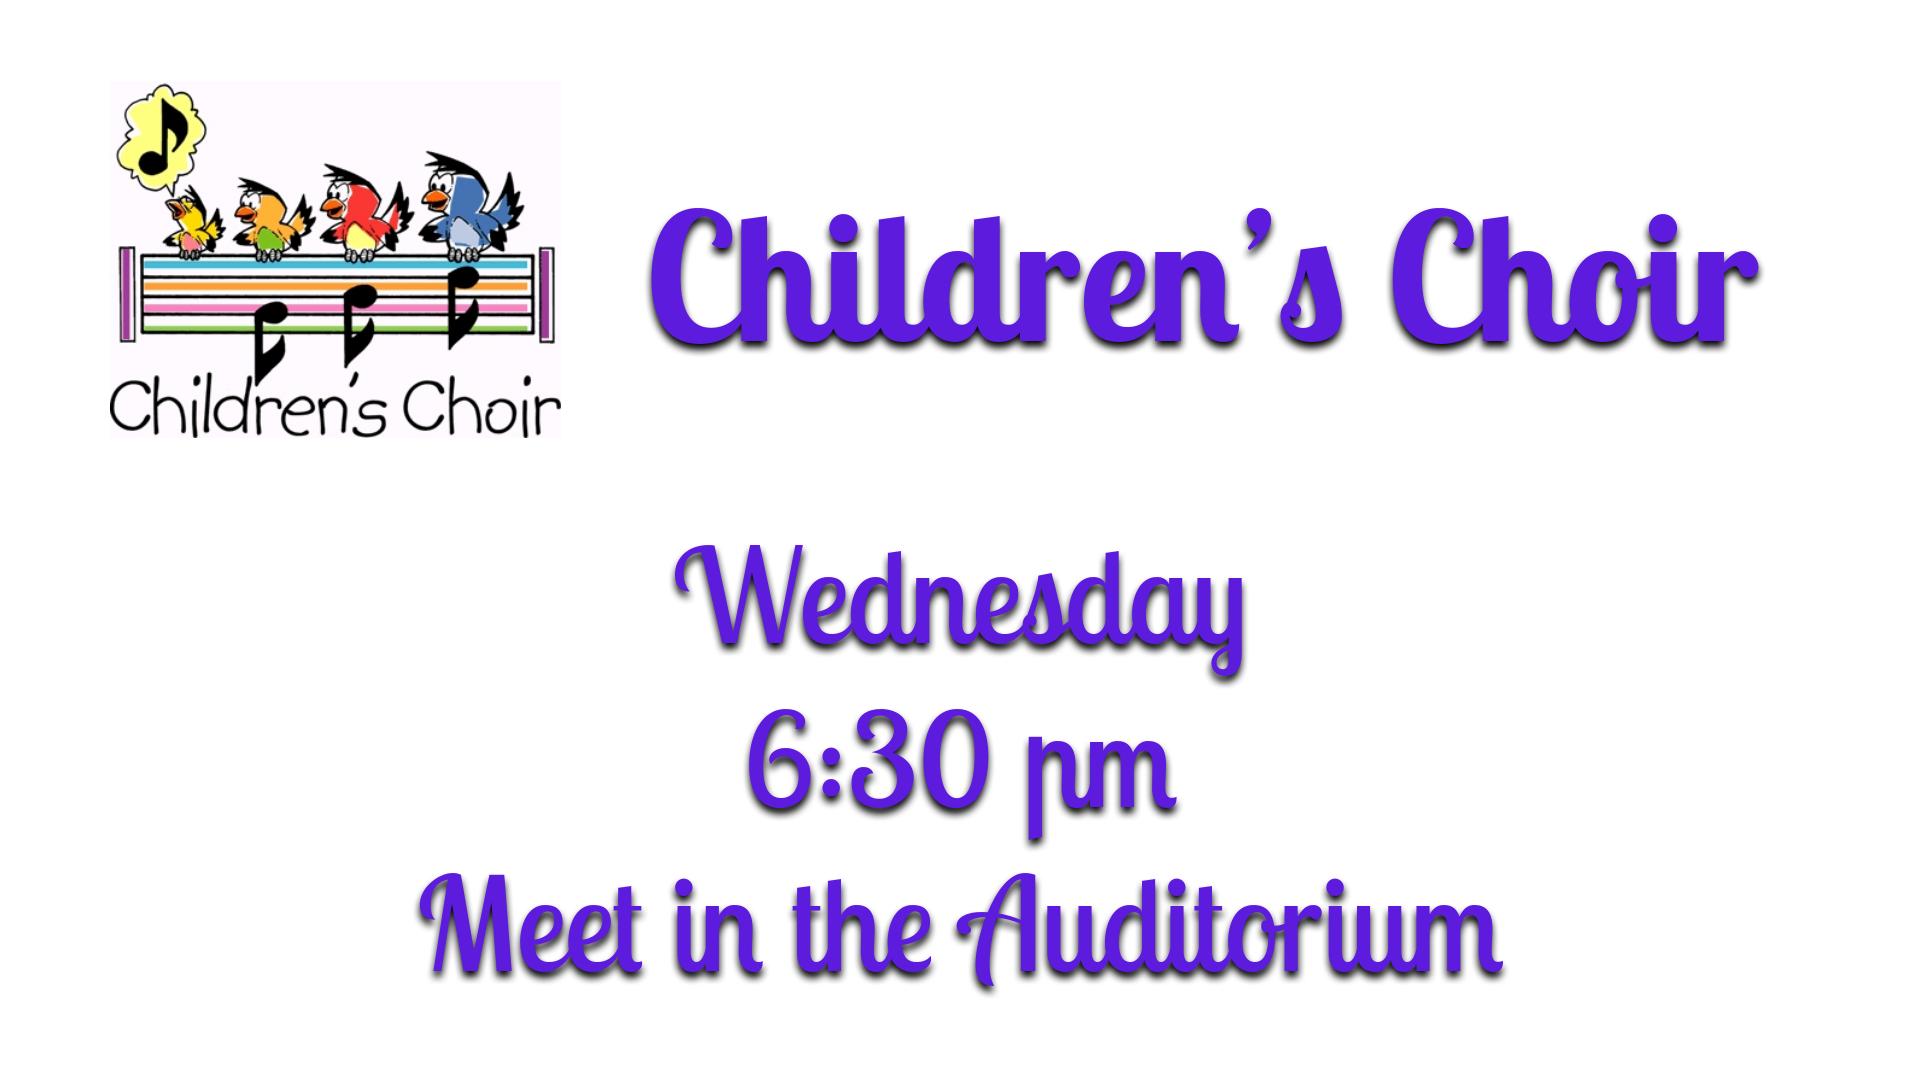 Website Announcement - Children's Choir.